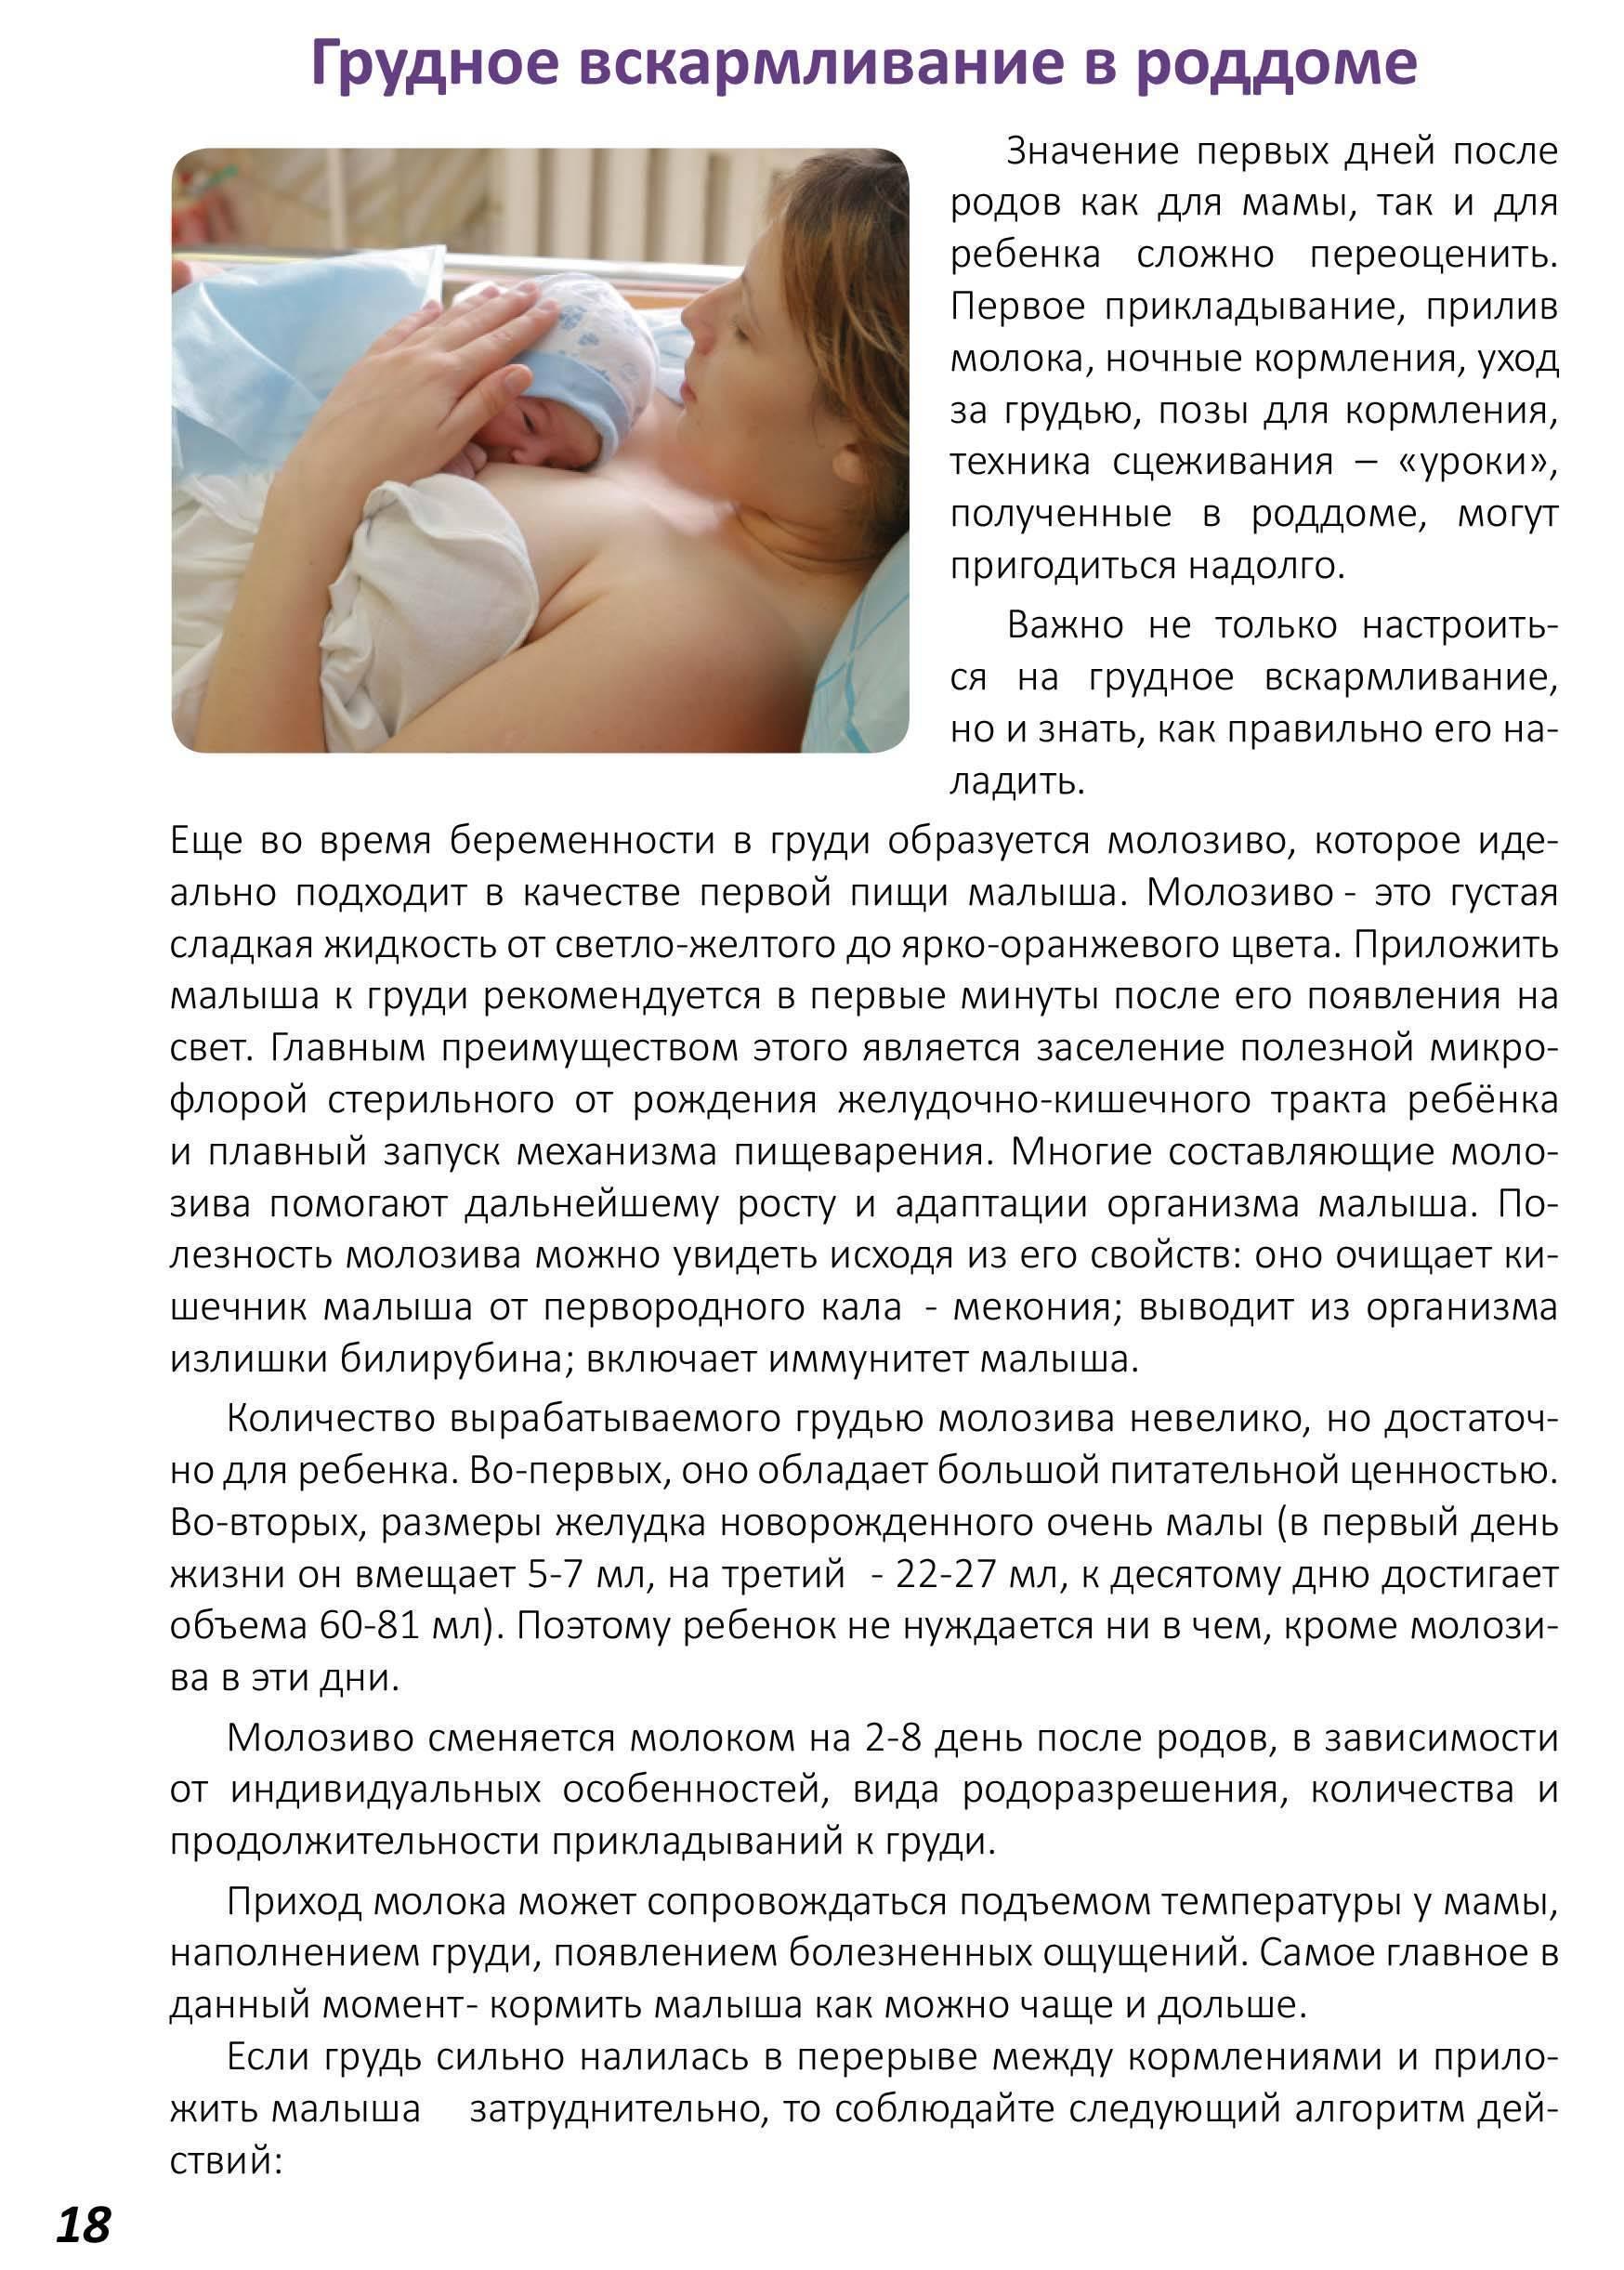 Подготовка к кормлению грудью. что нужно знать до начала грудного вскармливания